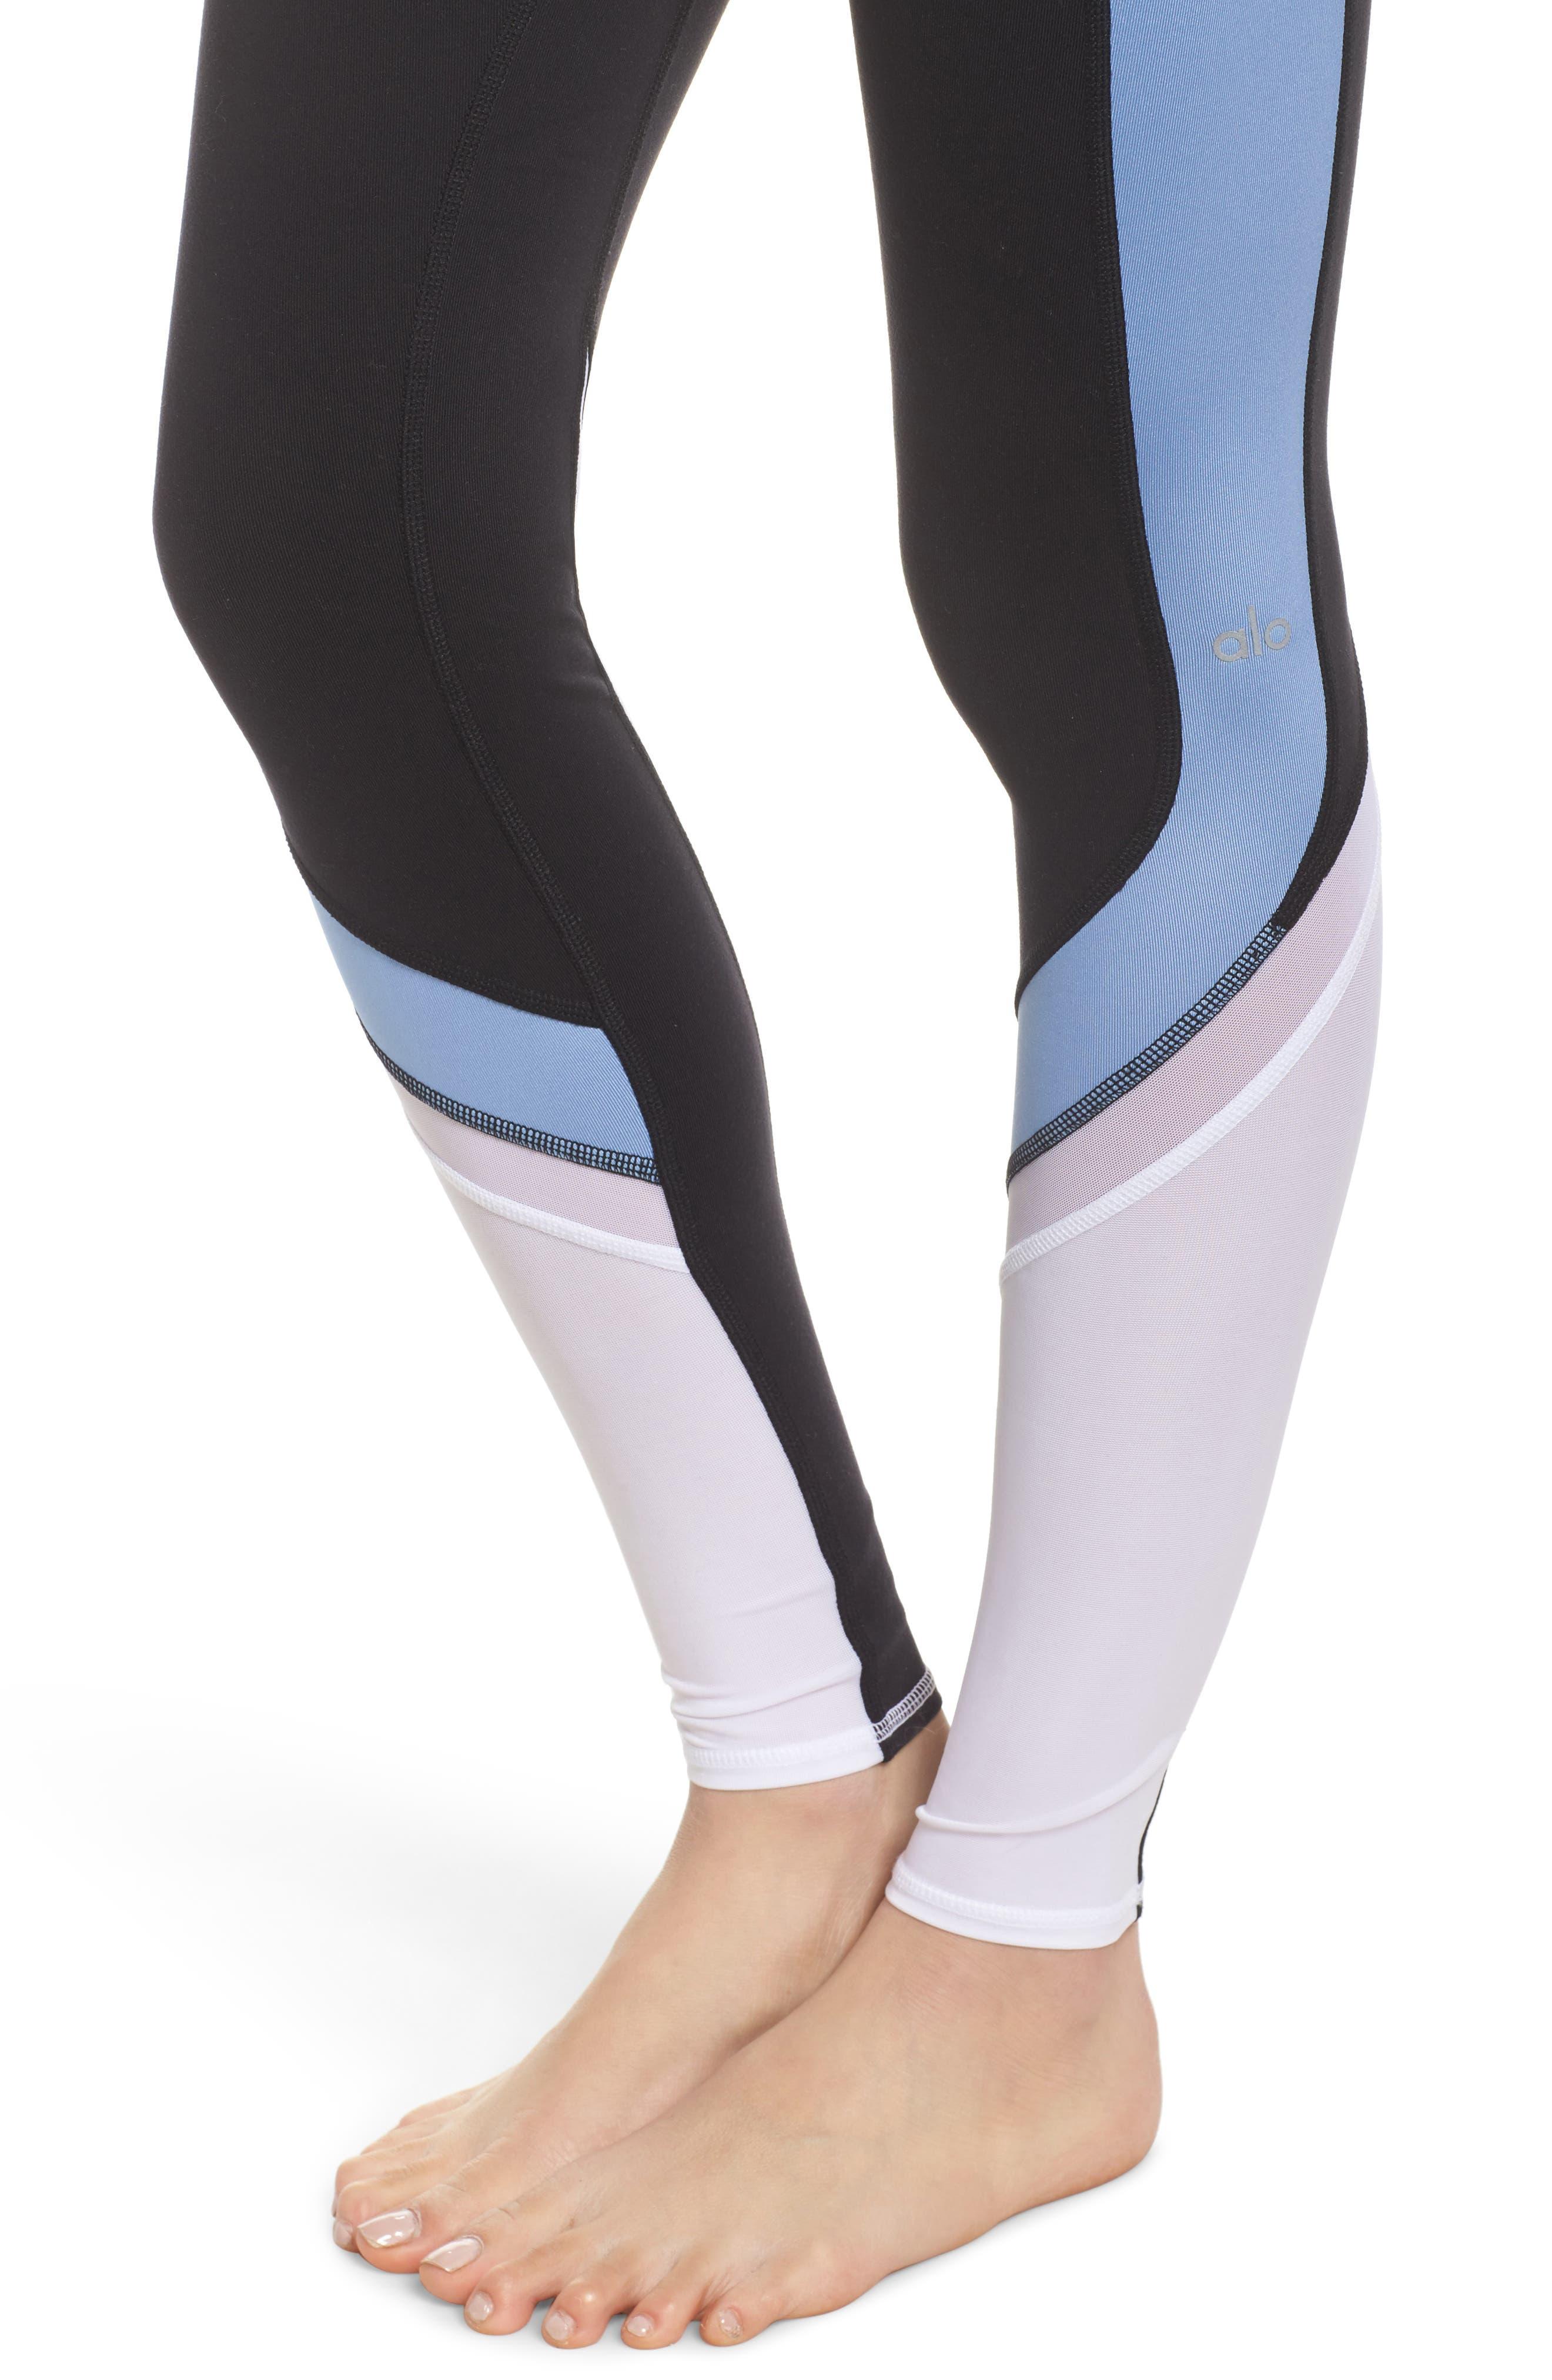 Elevate Leggings,                             Alternate thumbnail 4, color,                             Black/ Uv Blue Glossy/ White